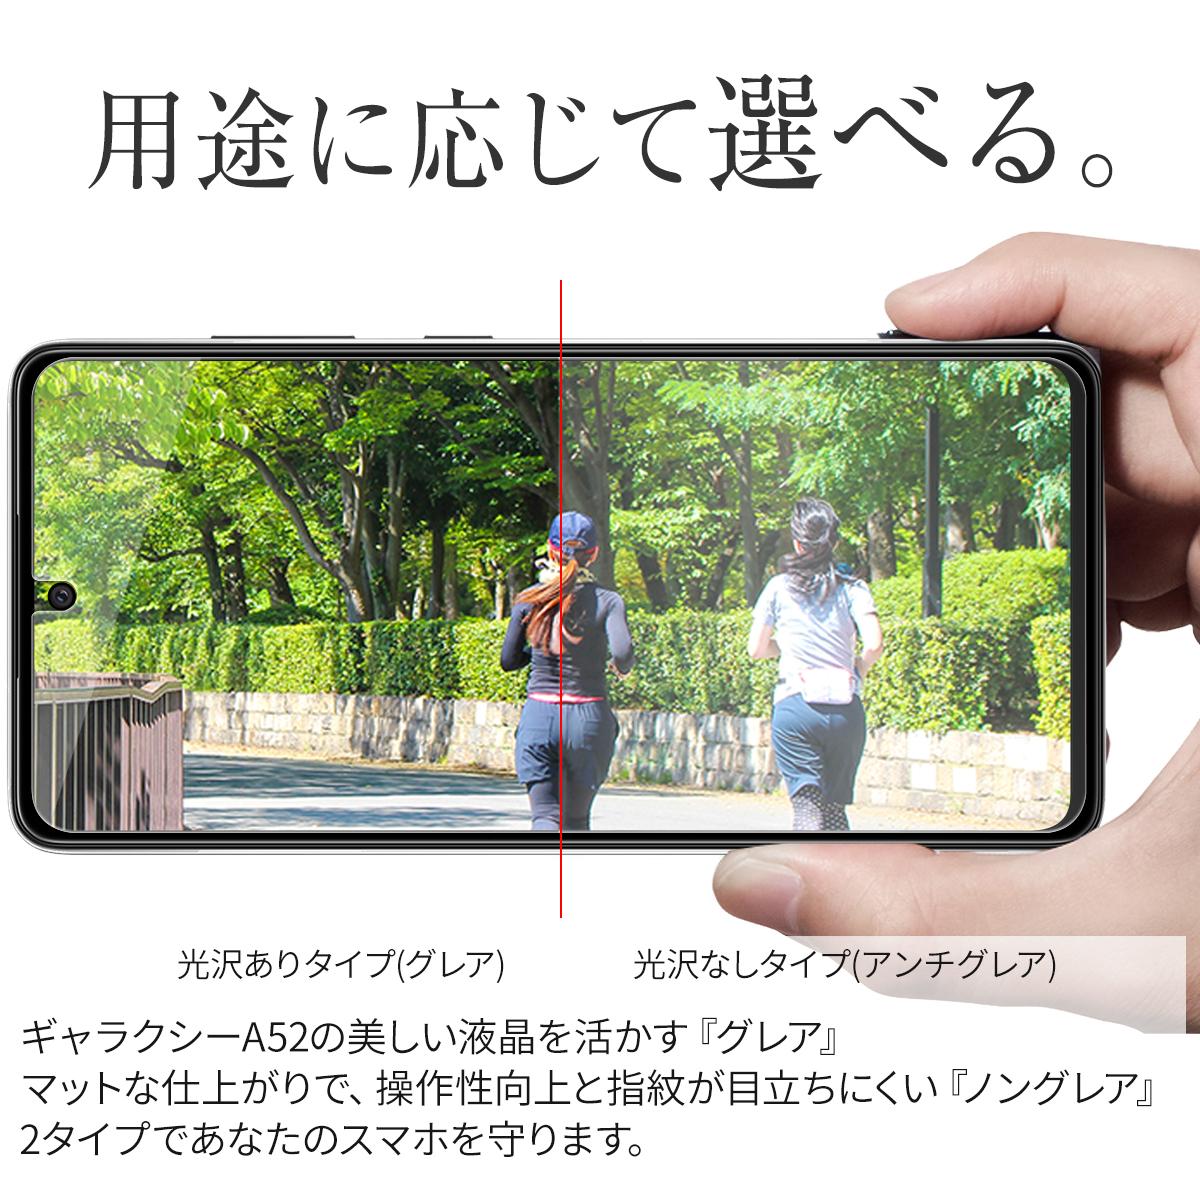 Galaxy A52 SC-53B 液晶保護フィルム